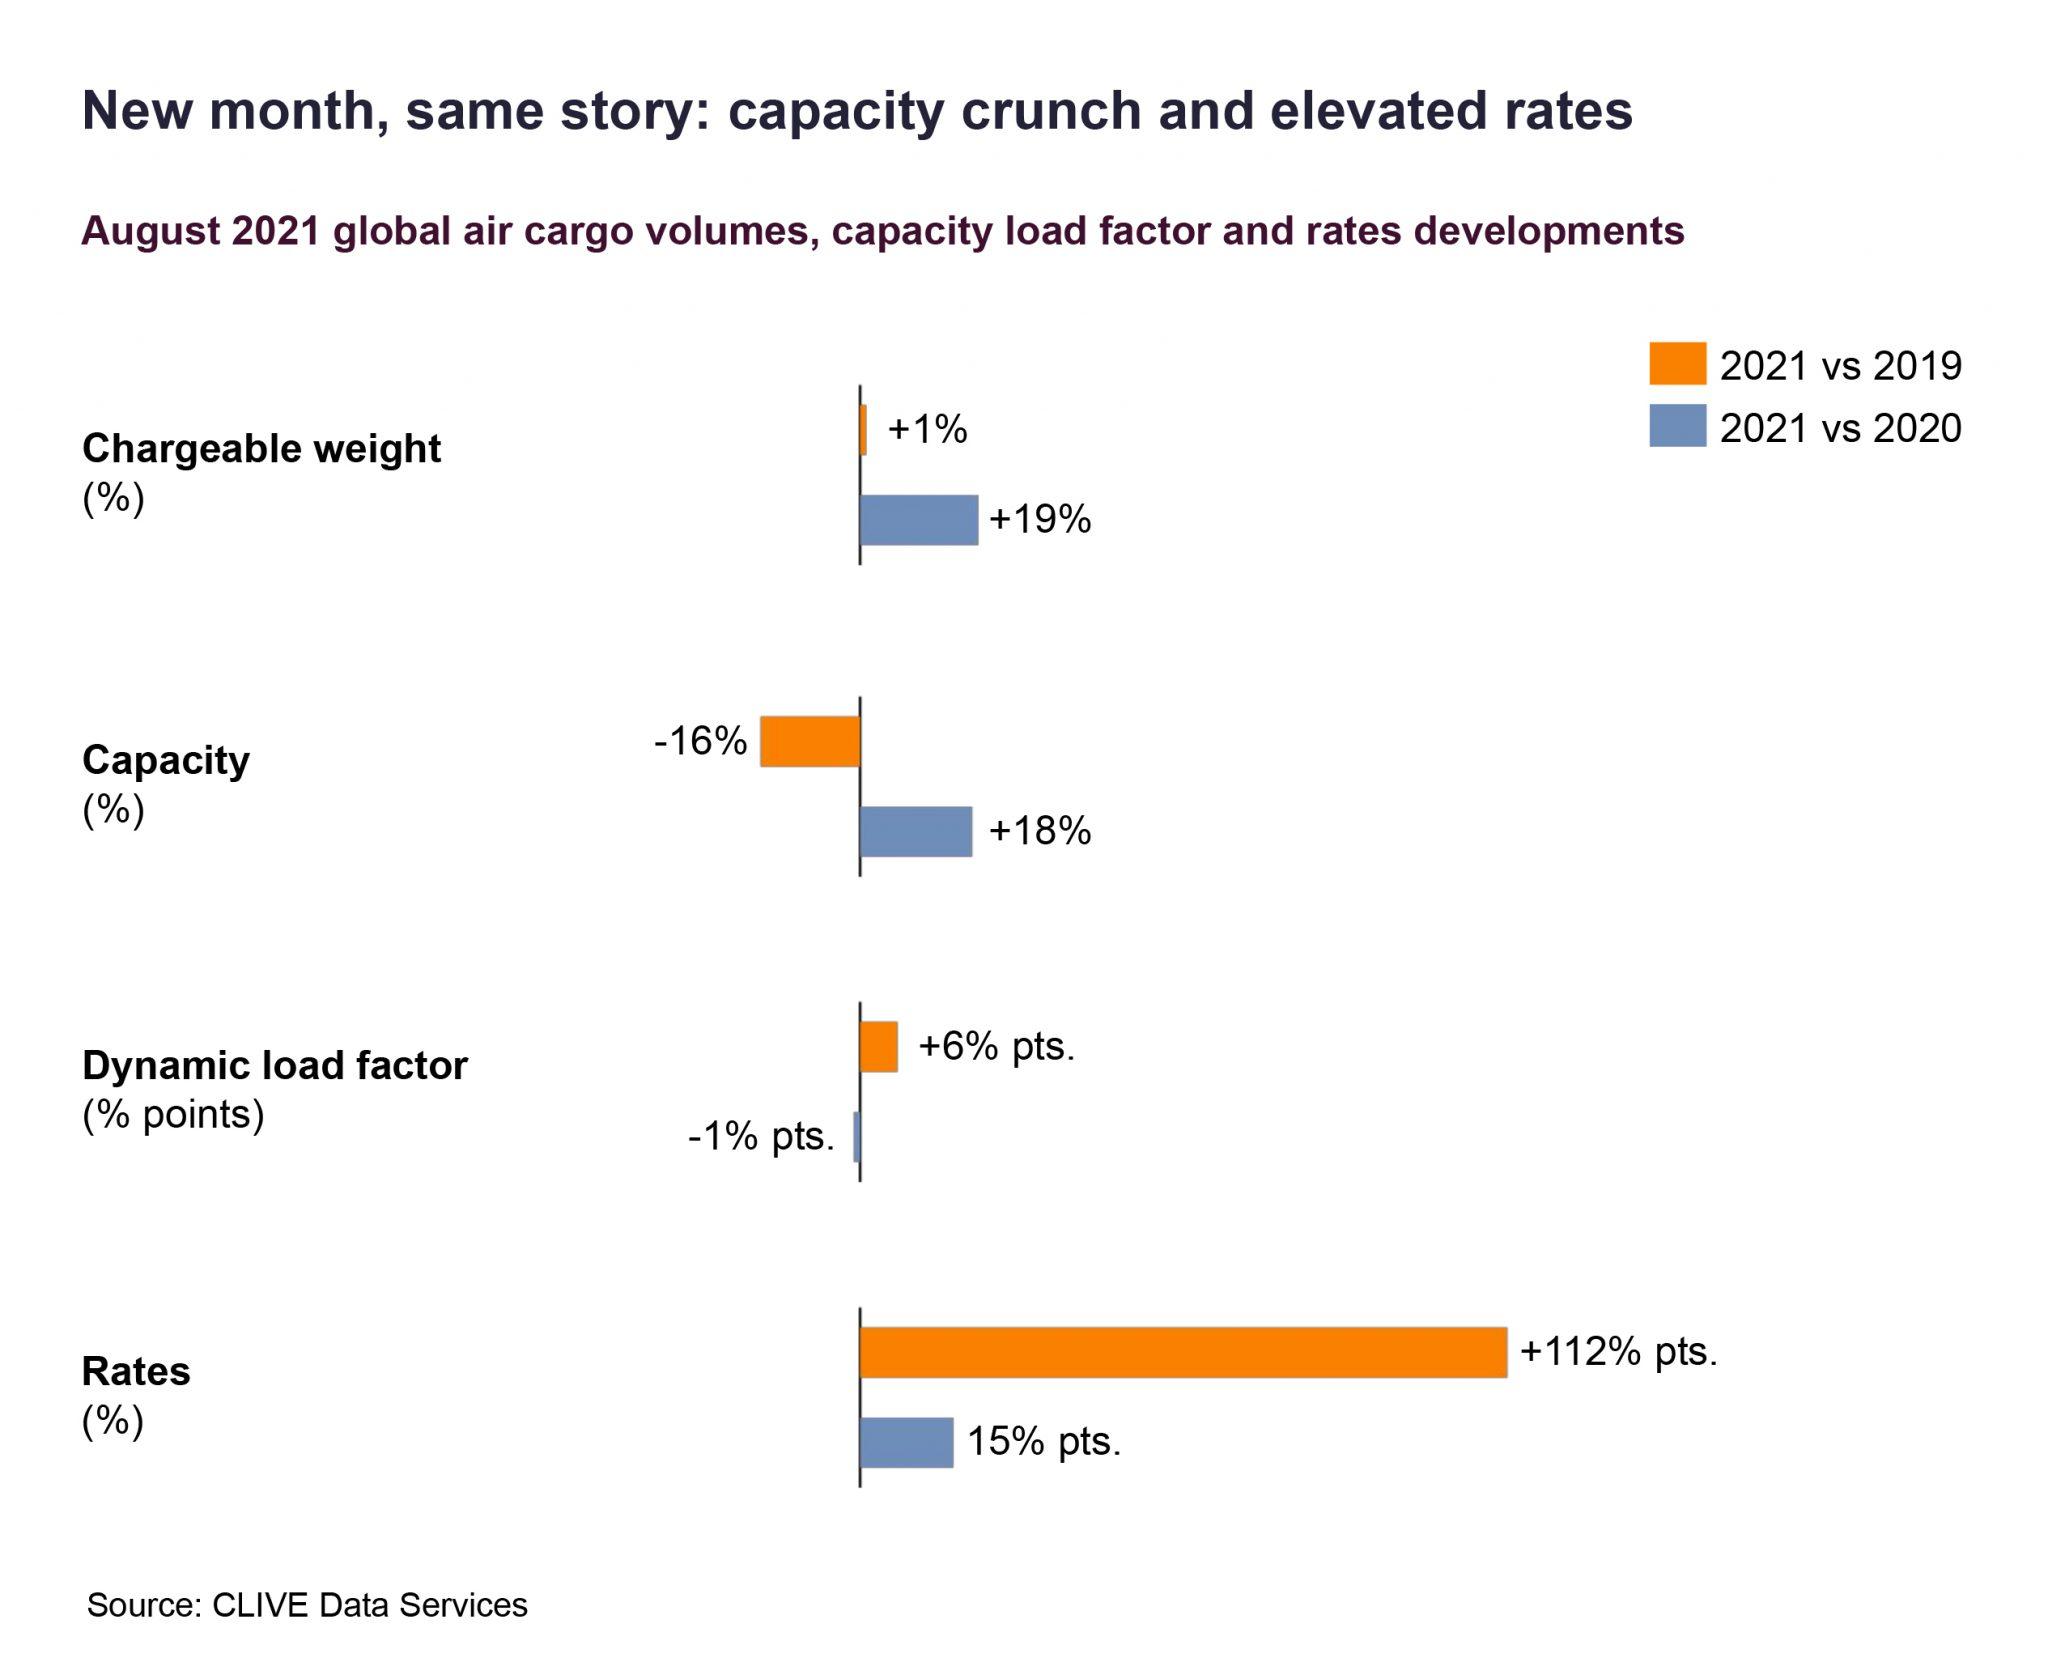 Capacity crunch elevates air cargo rates